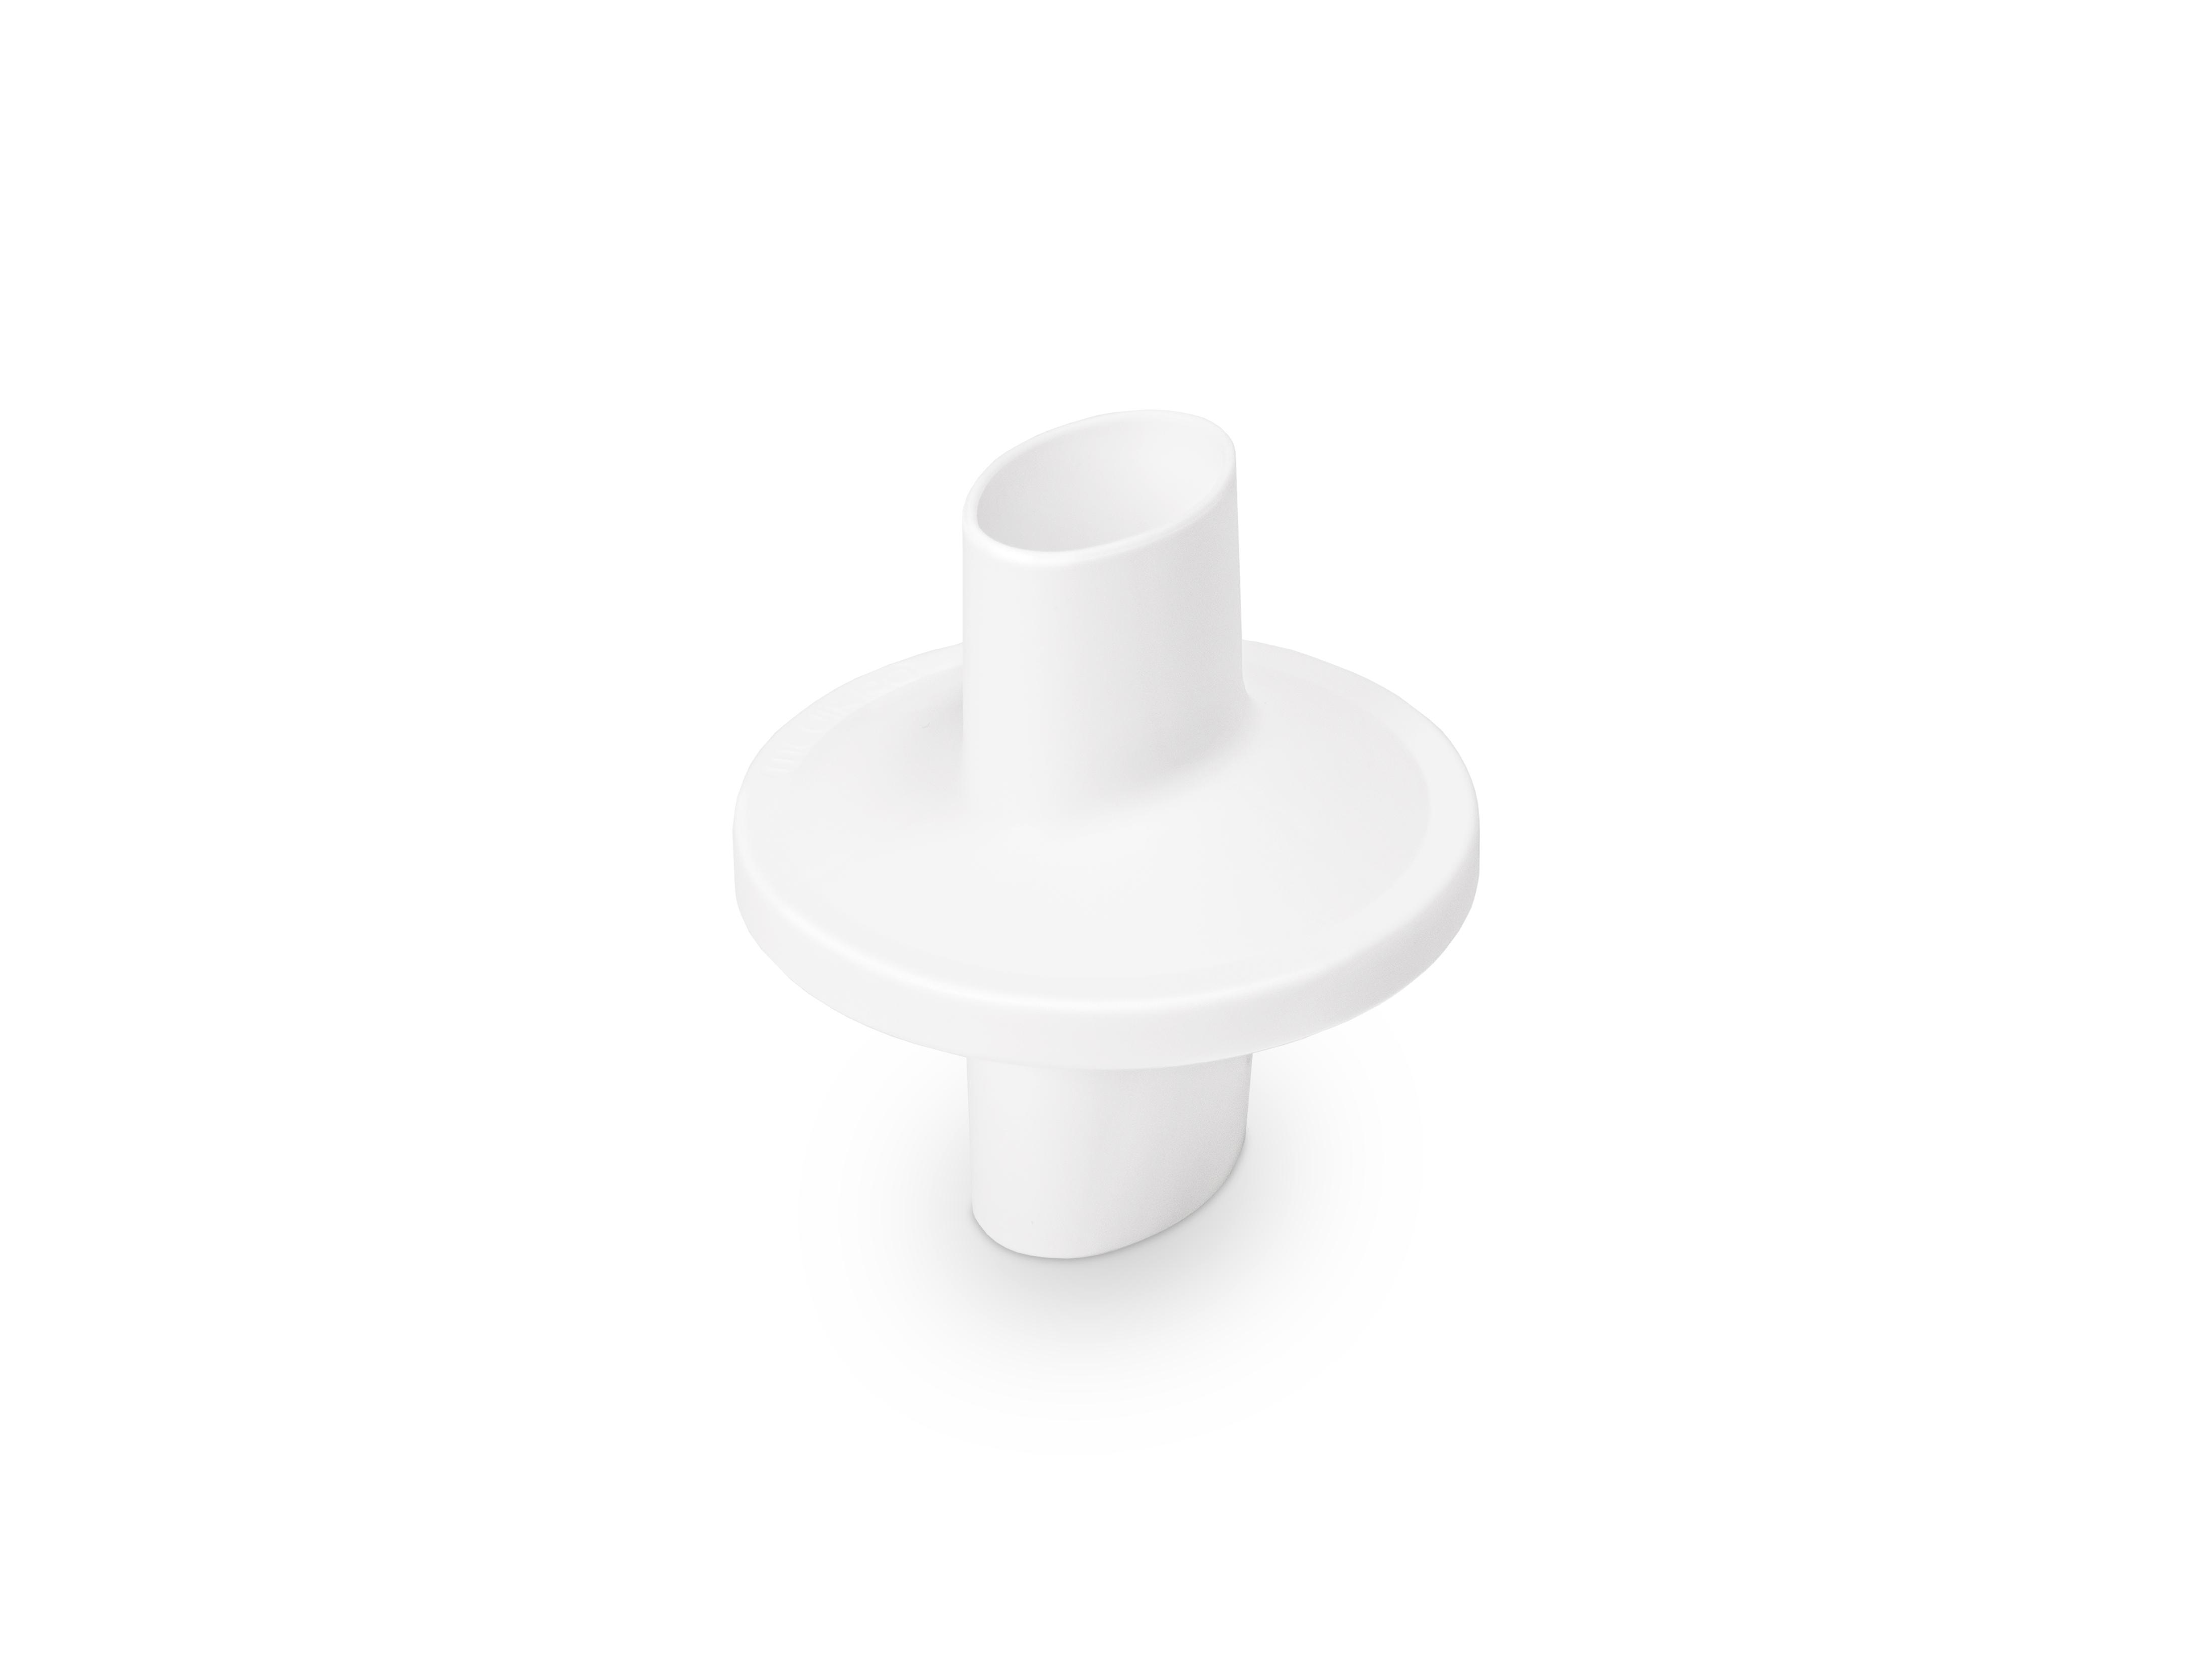 eee MESI SPIRO - filter mondstuk (100 st)